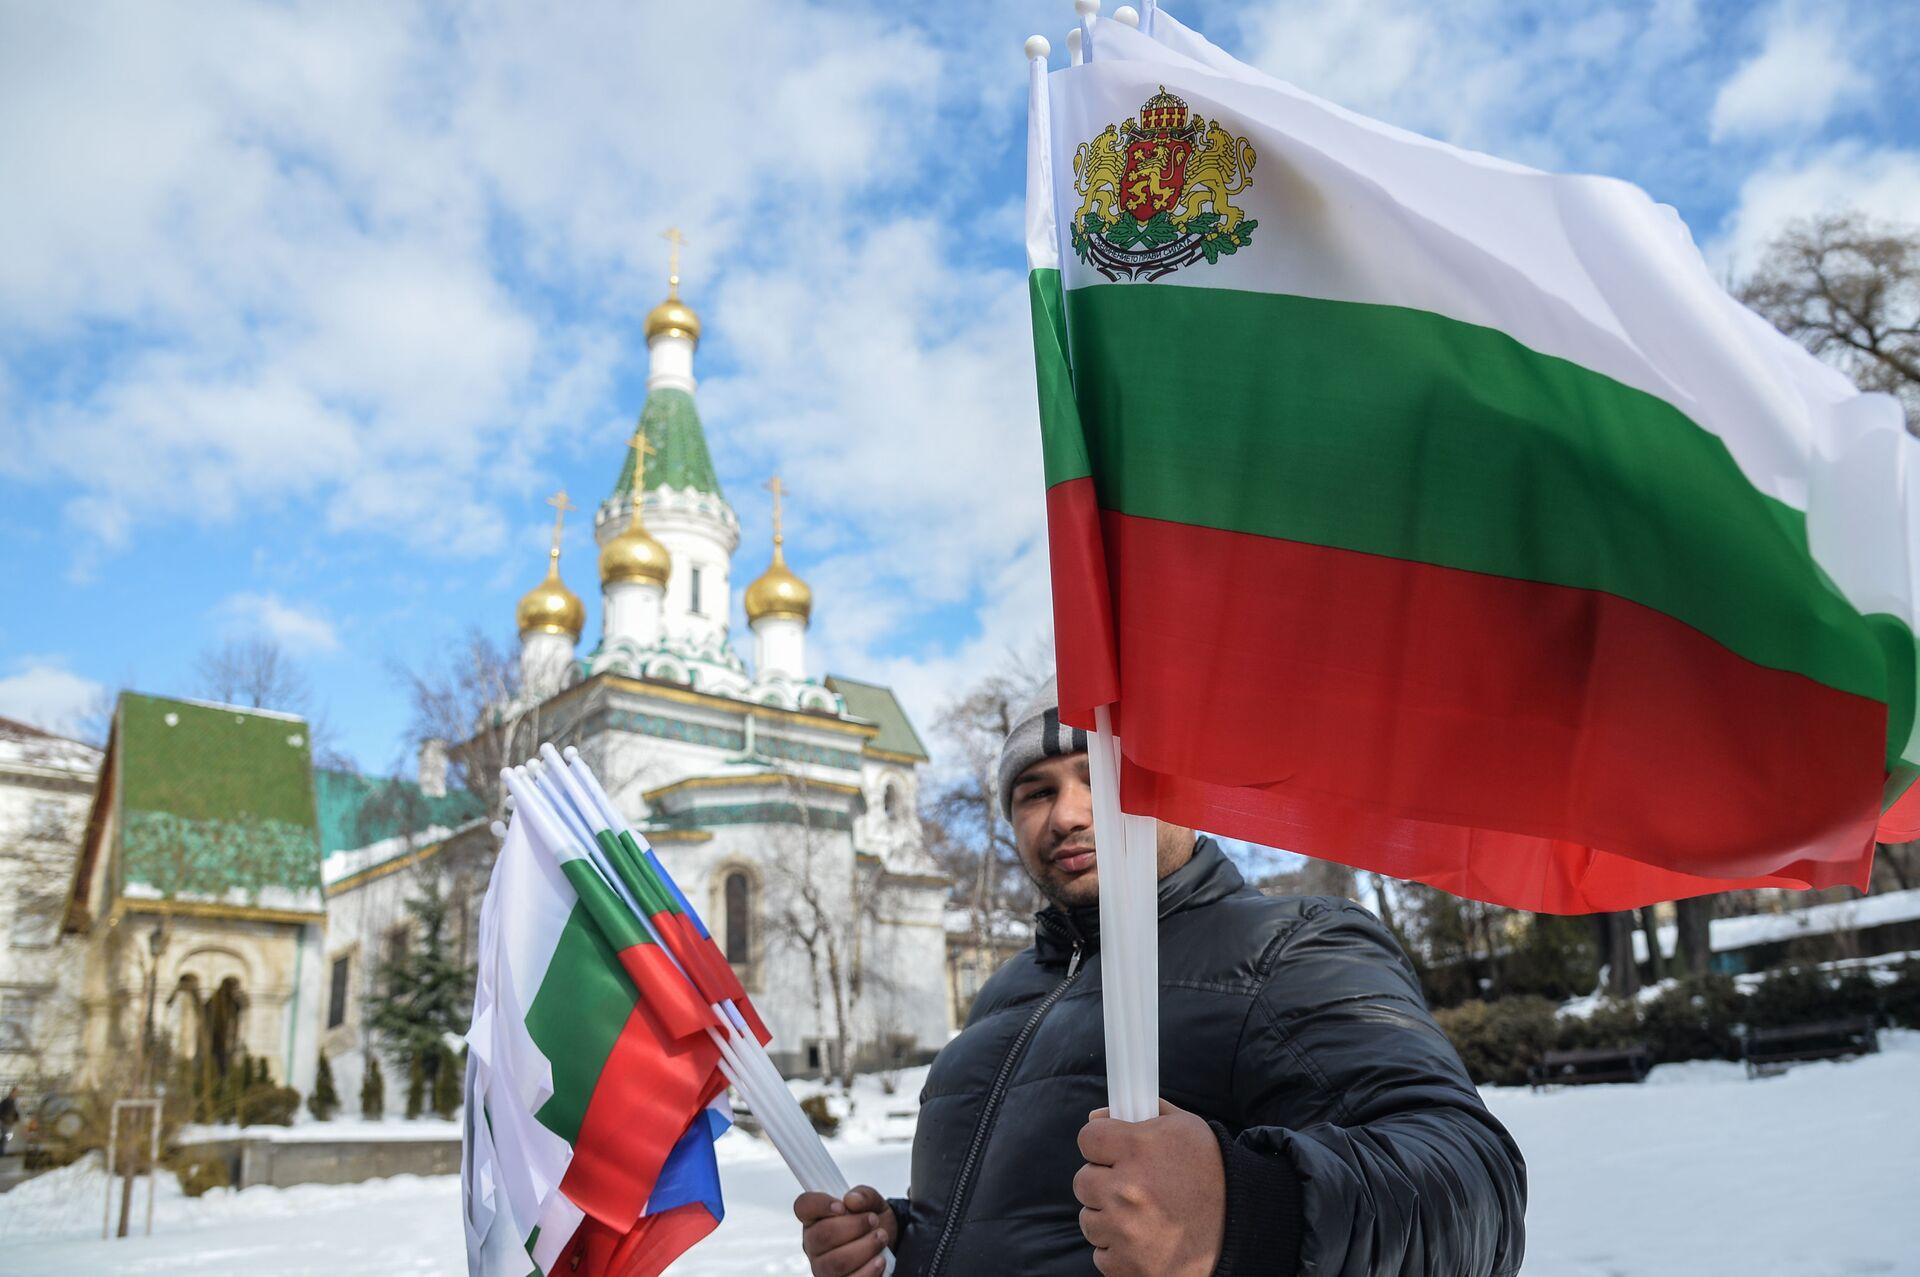 Historyk: Samo wspominanie o Rosji jest niebezpieczne, ale jej rola w naszym wyzwoleniu jest ogromna - Sputnik Polska, 1920, 04.03.2021